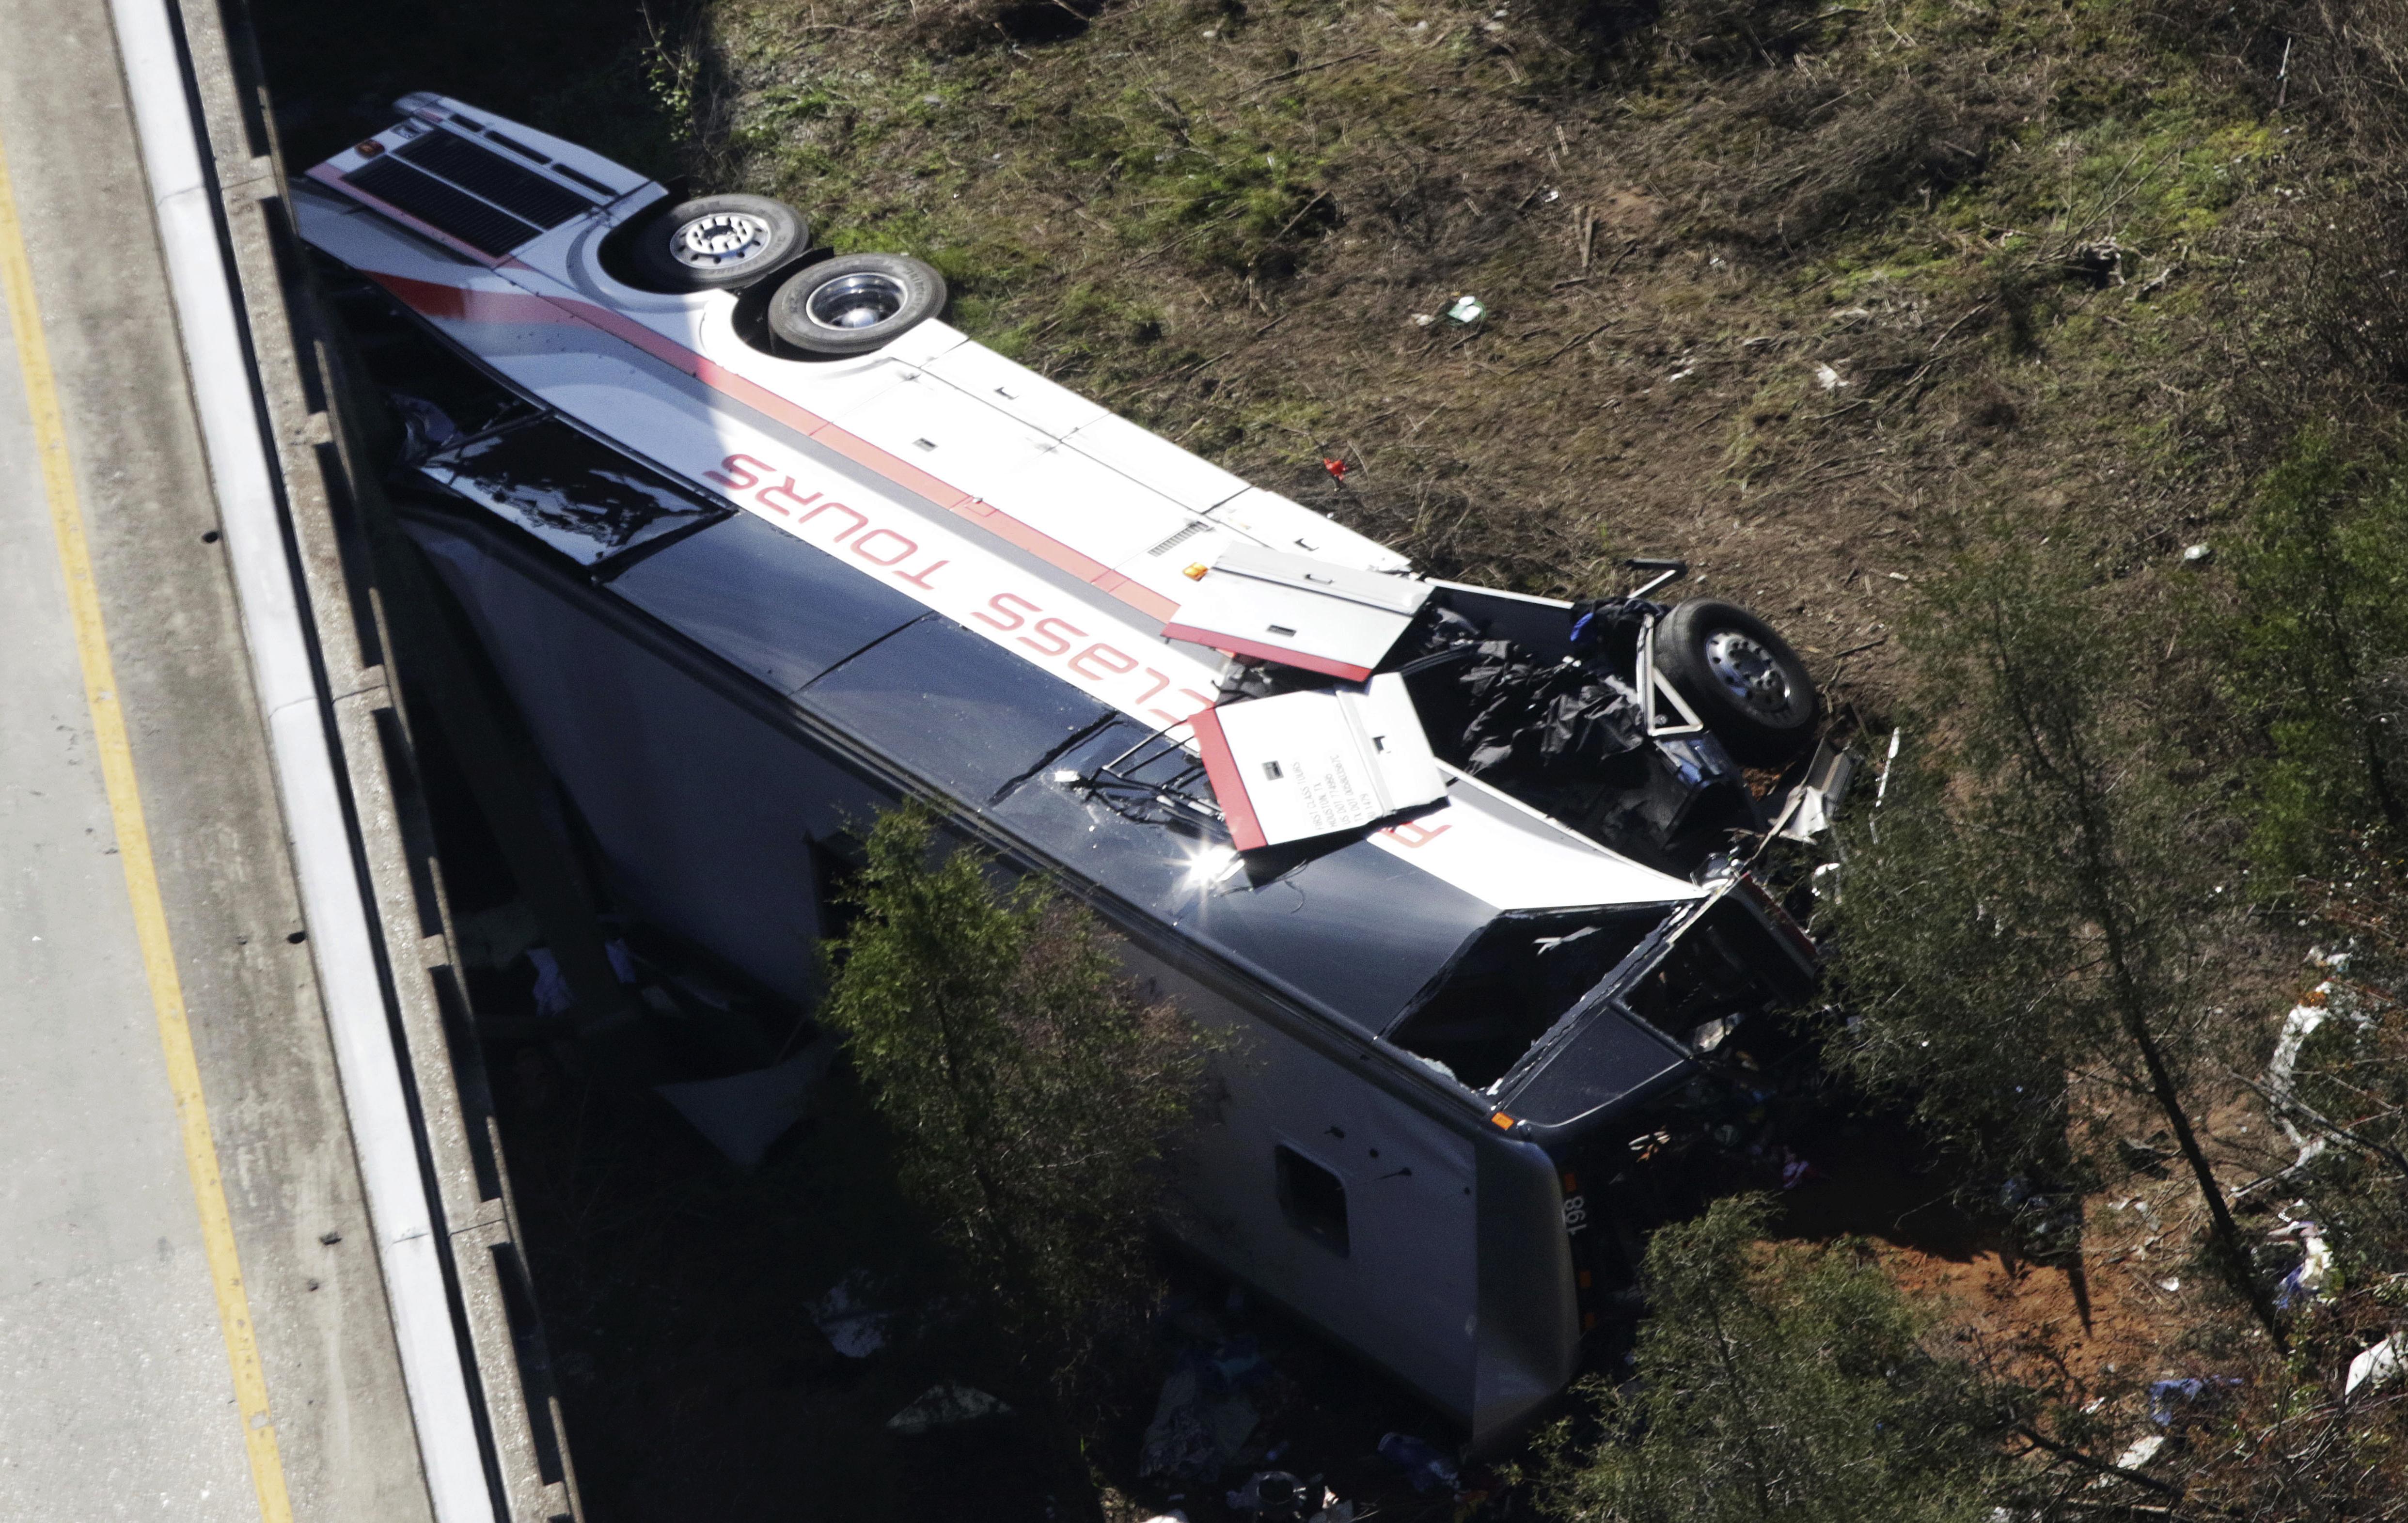 美東時間13日上午,一輛載著45位高中生的巴士在結束佛州迪士尼的行程、返回德州休士頓的途中,意外墜入阿拉巴馬州的峽谷,司機已不幸喪生。(美聯社)